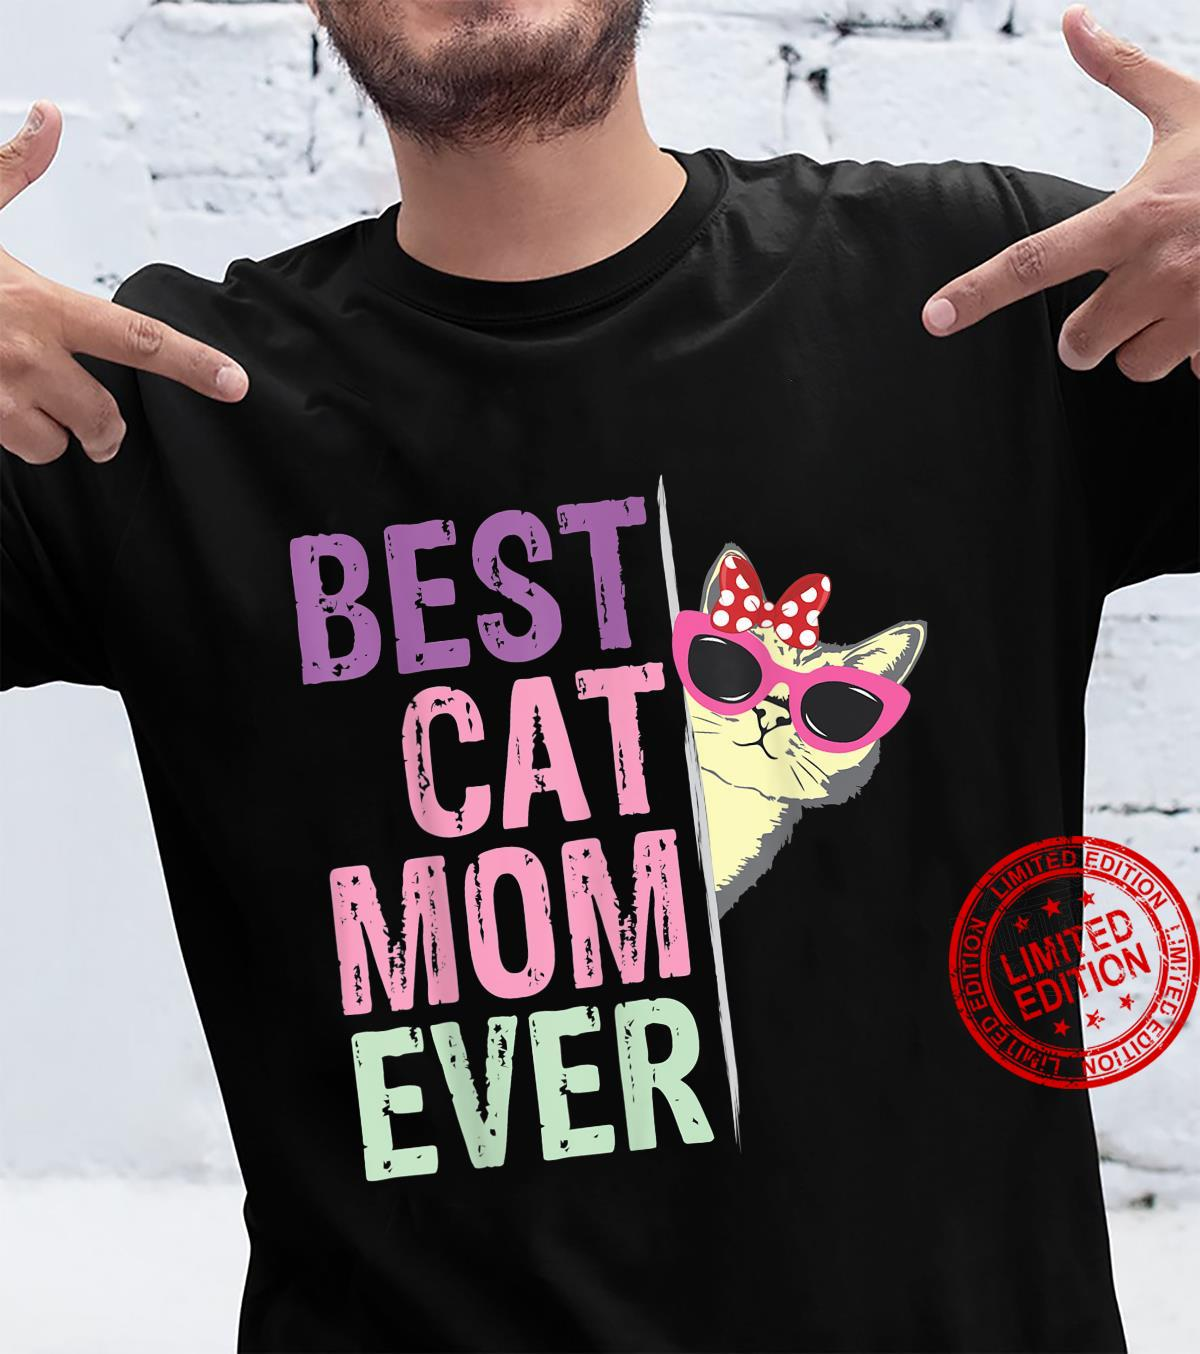 Best cat mom ever, funn, cats Shirt